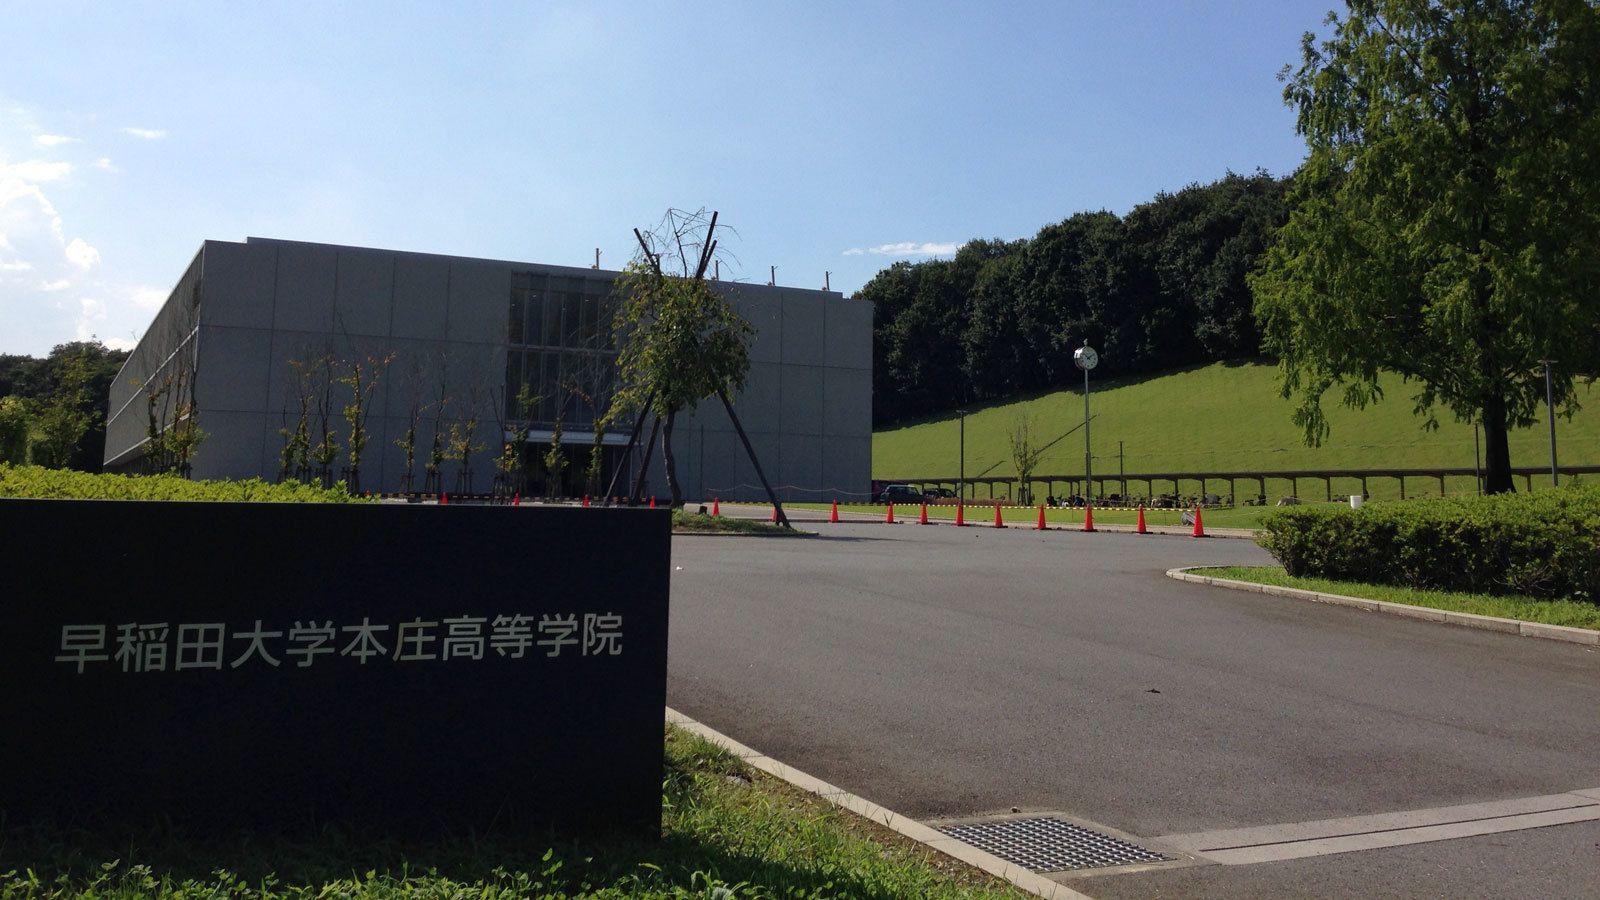 高等 学院 早稲田 大学 本庄